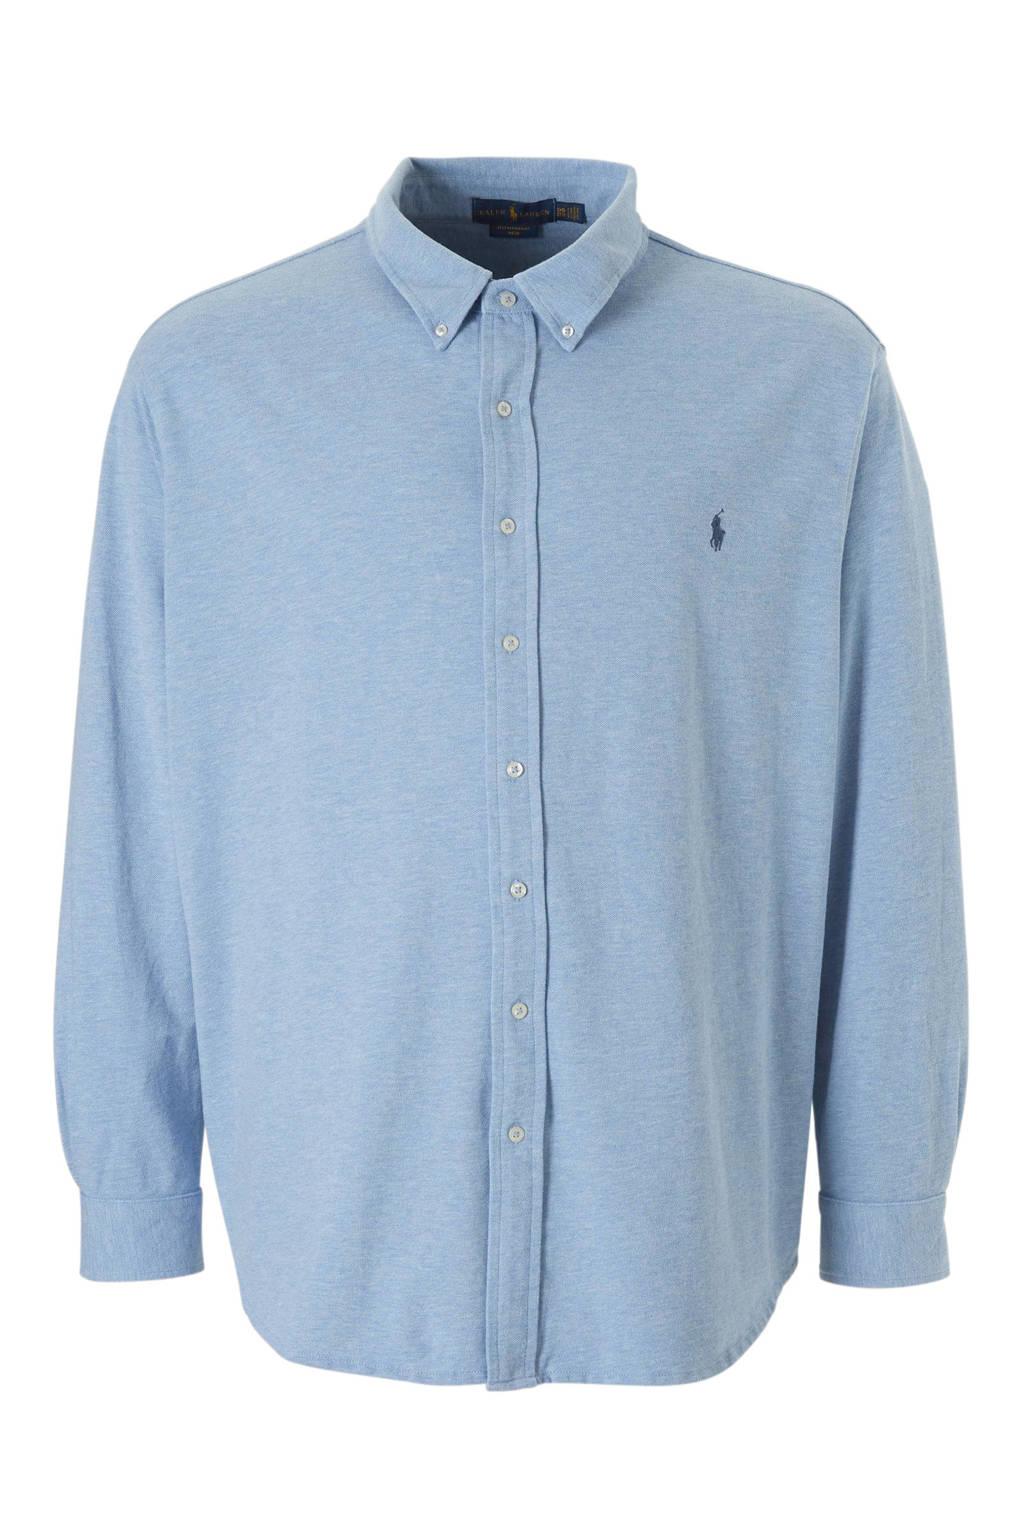 POLO Ralph Lauren Big & Tall +size gemêleerd jersey overhemd blauw, Blauw